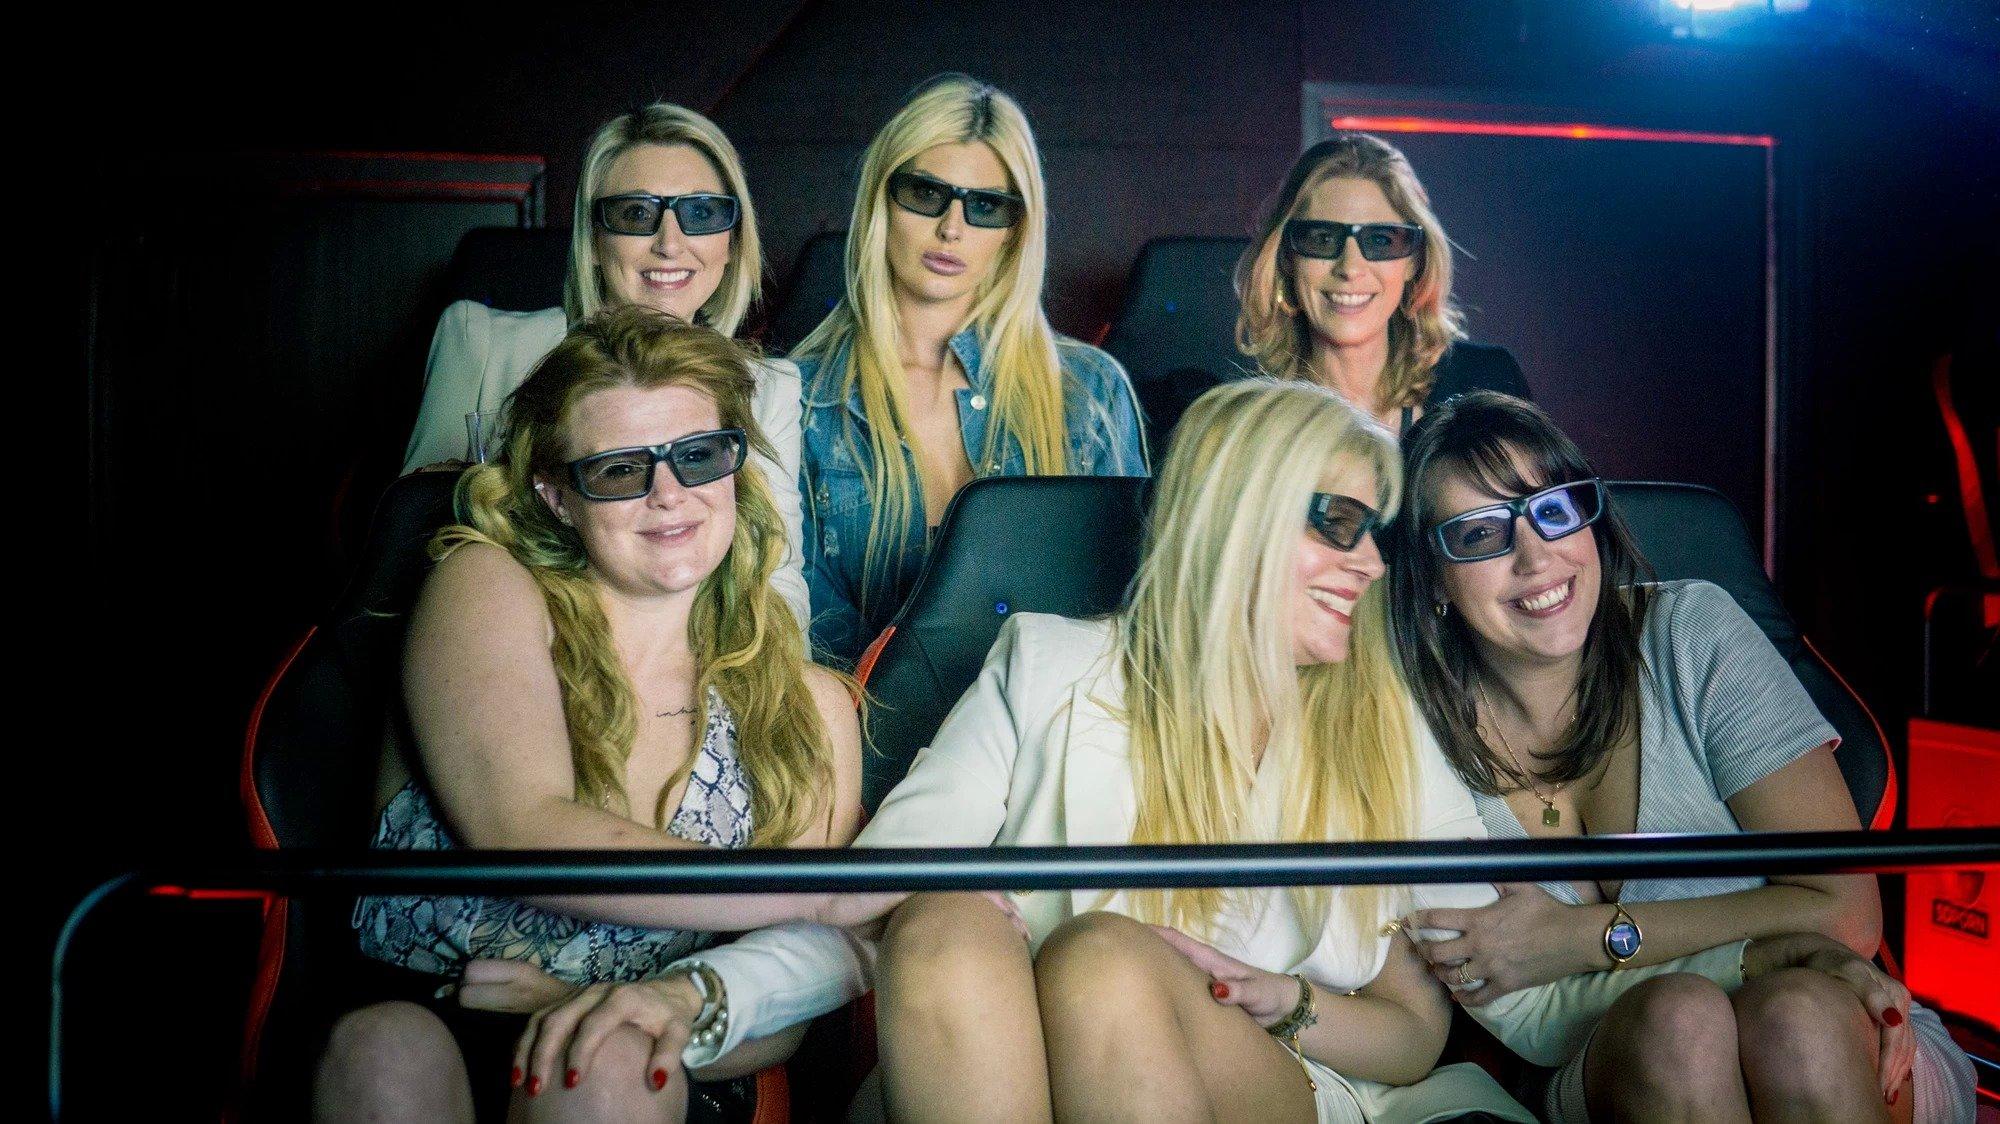 5D порно-кинотеатр голландия отвратительные мужики disgusting men